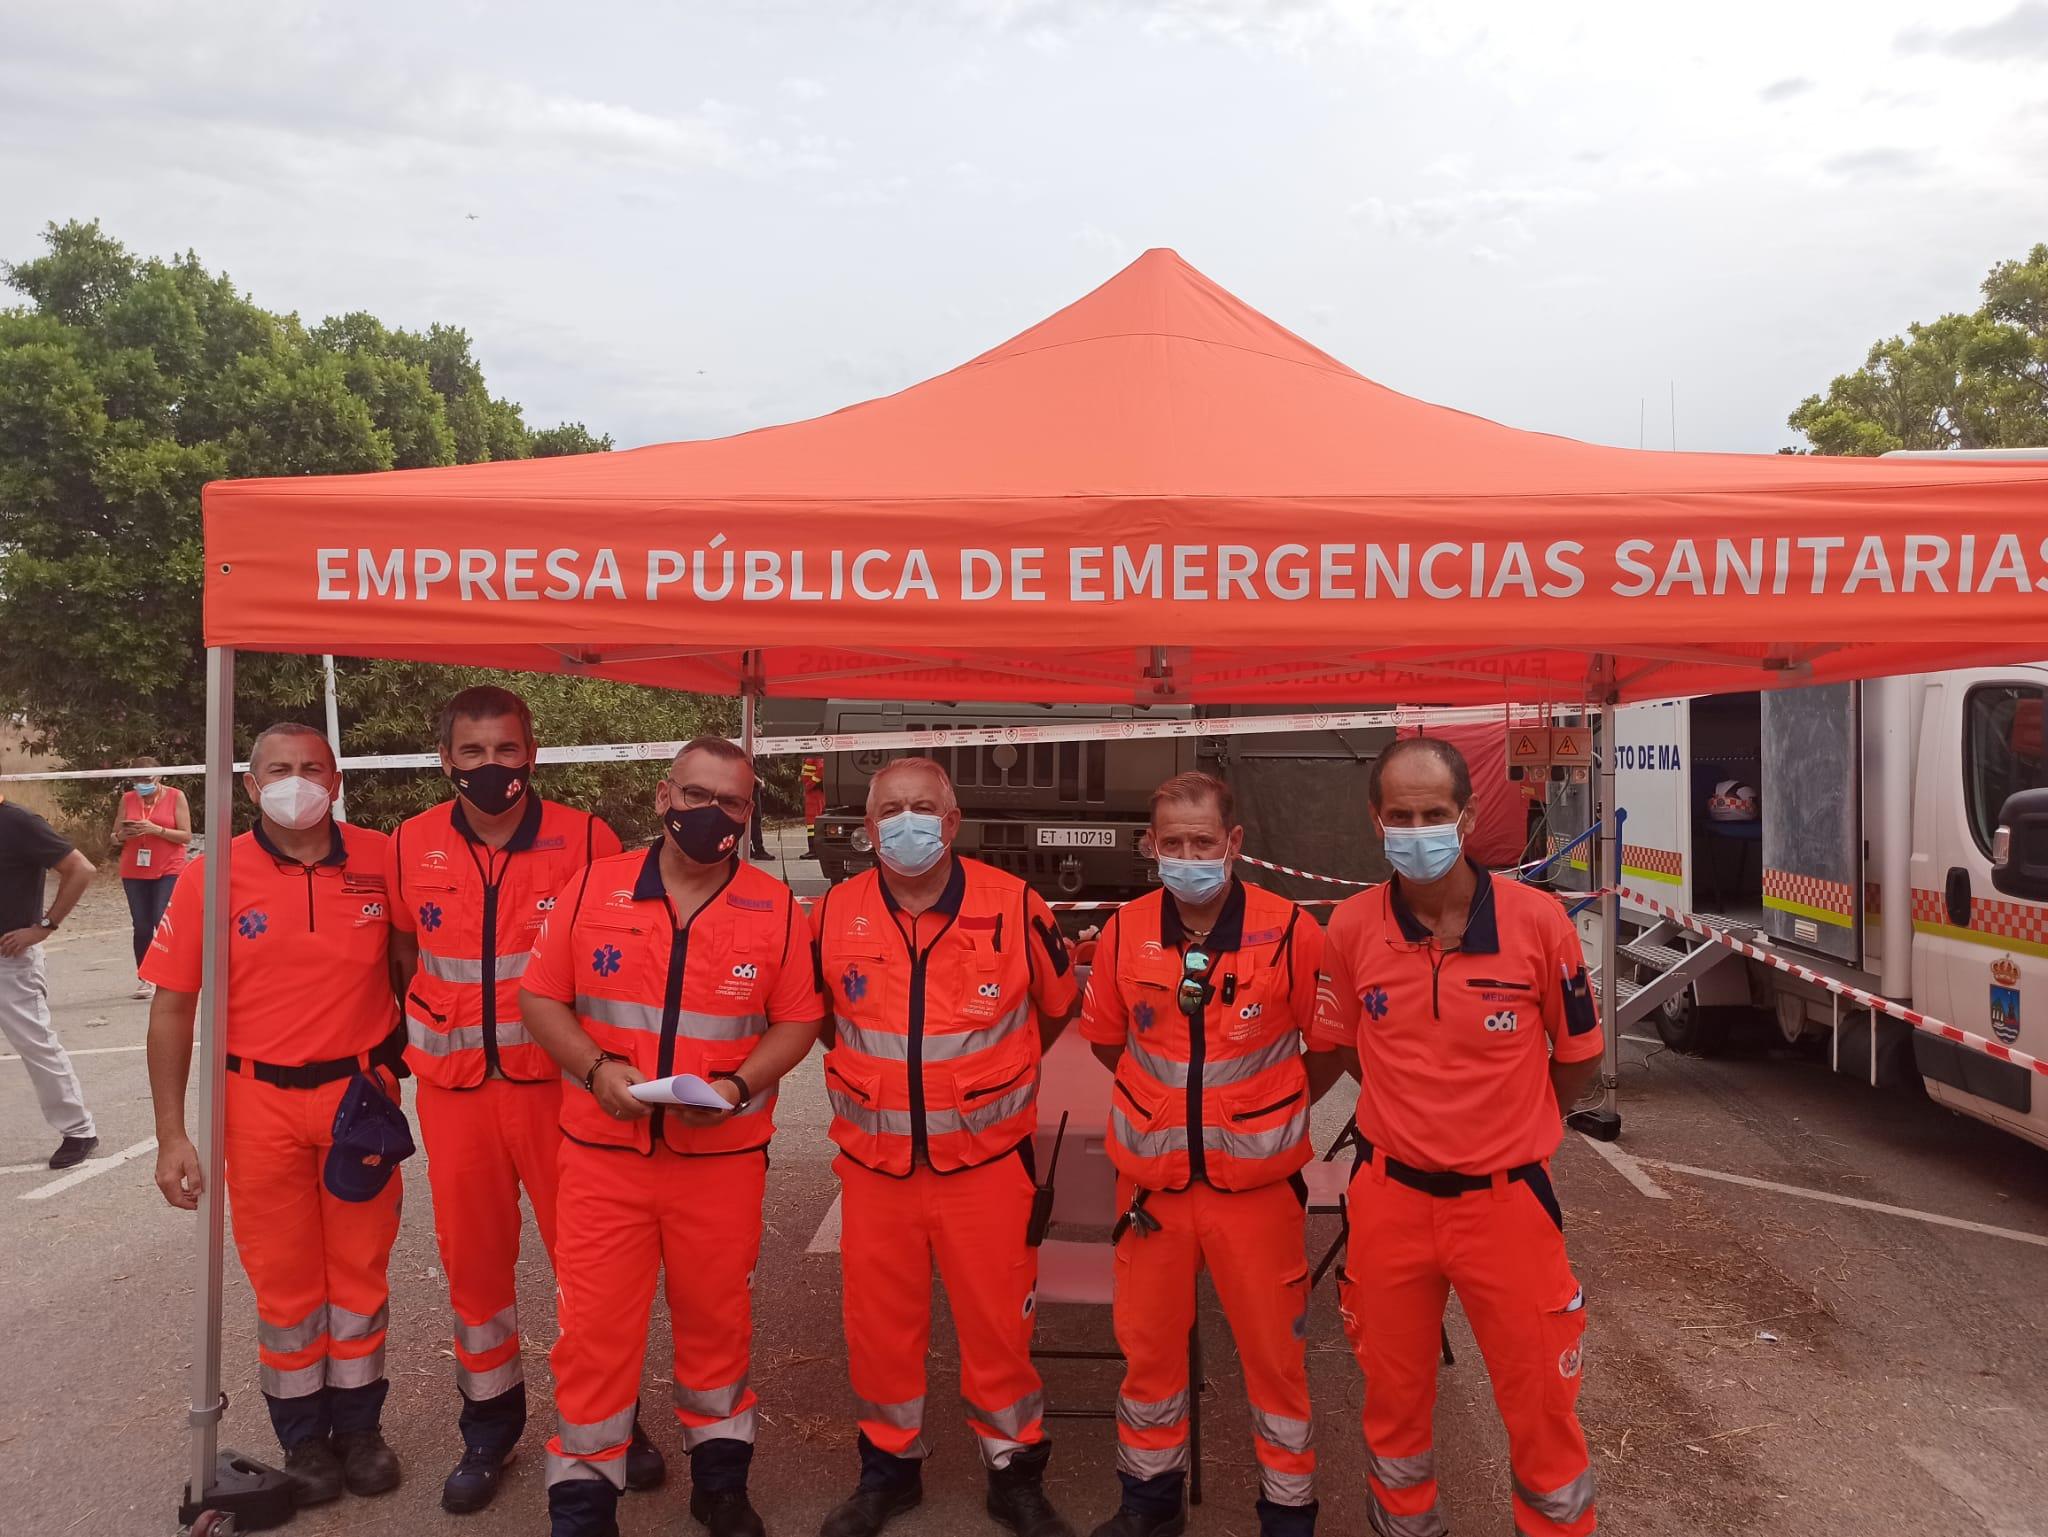 Salud agradece la labor de los profesionales sanitarios desplazados al incendio de Sierra Bermeja